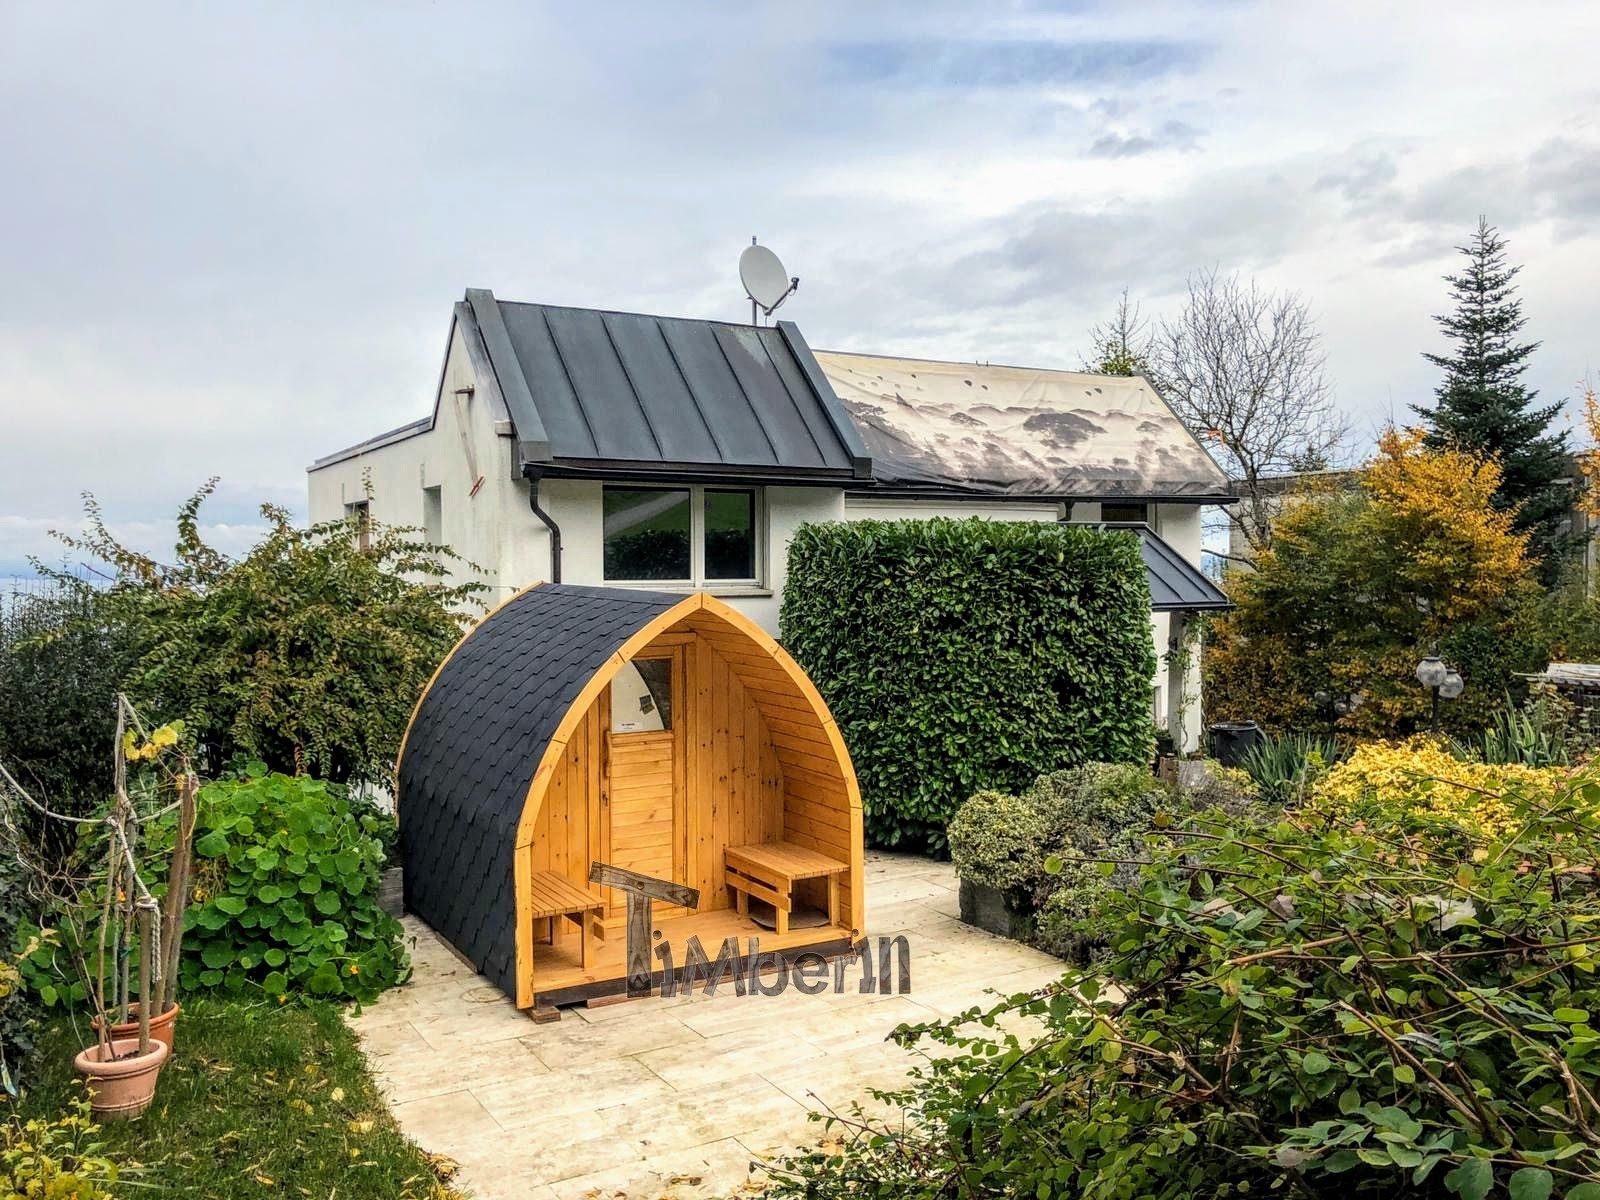 Außensauna Gartensauna Iglu Pod mit Holzofen Elektrisch 3 2